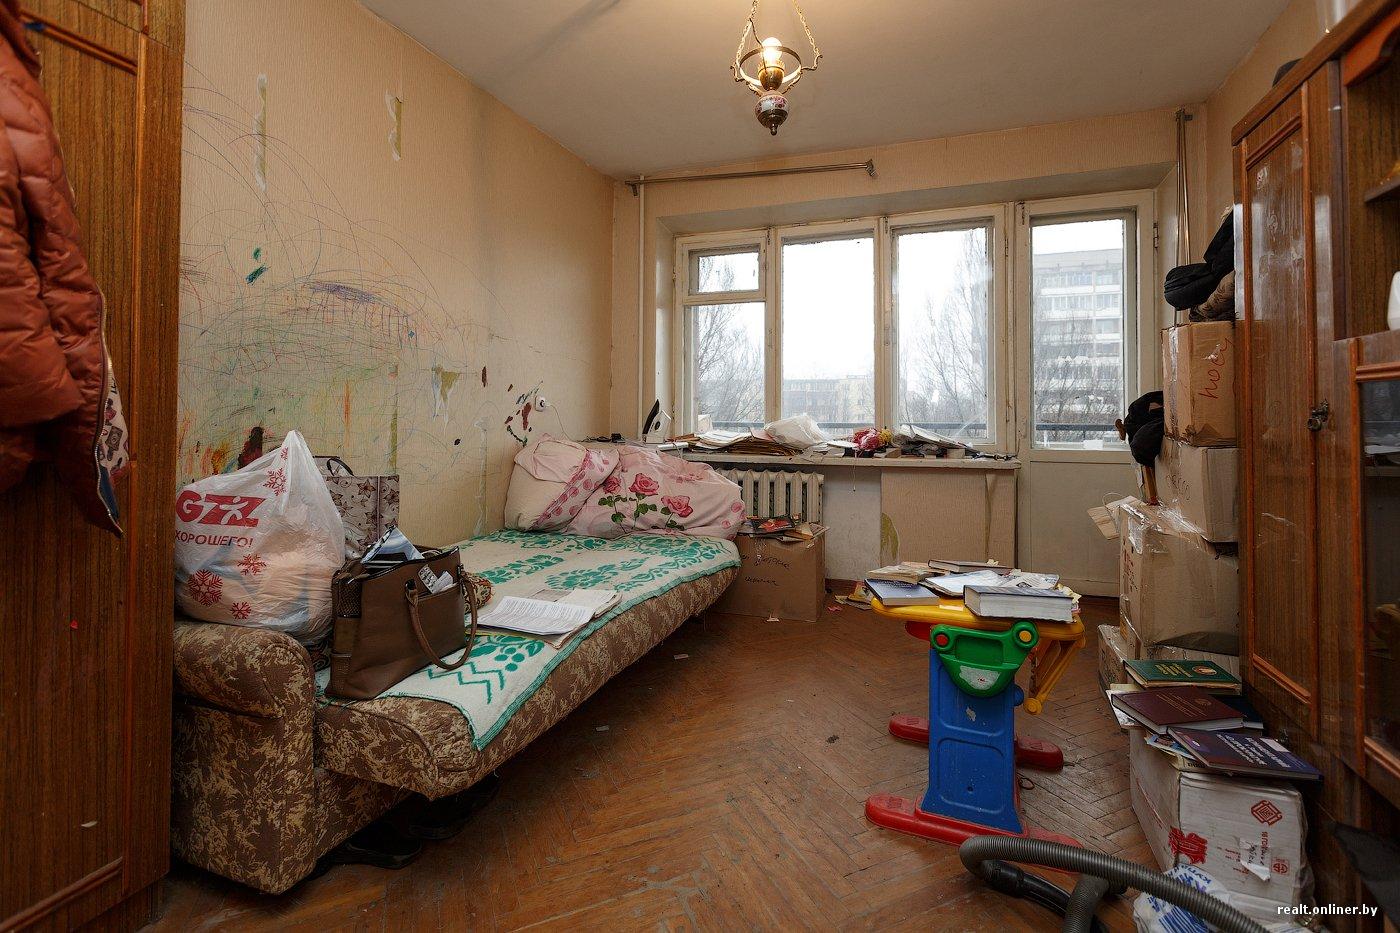 Ремонт в съемной квартире, фото